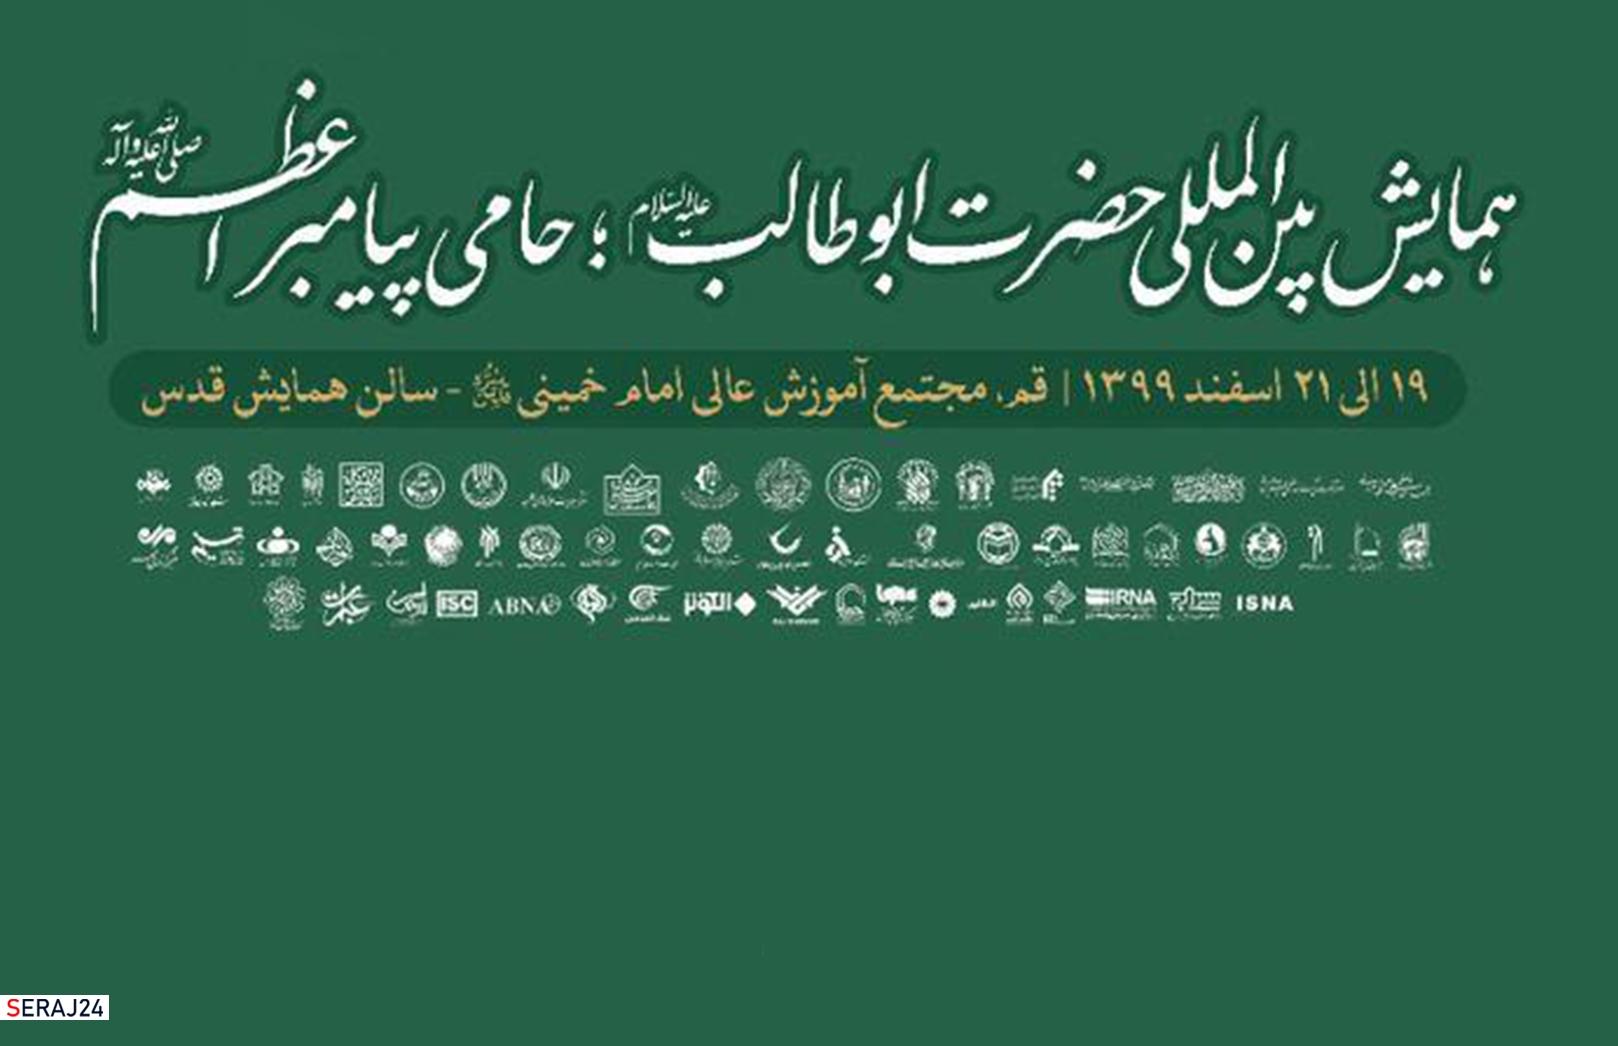 همایش بین المللی  حضرت ابوطالب(ع) برگزار می شود